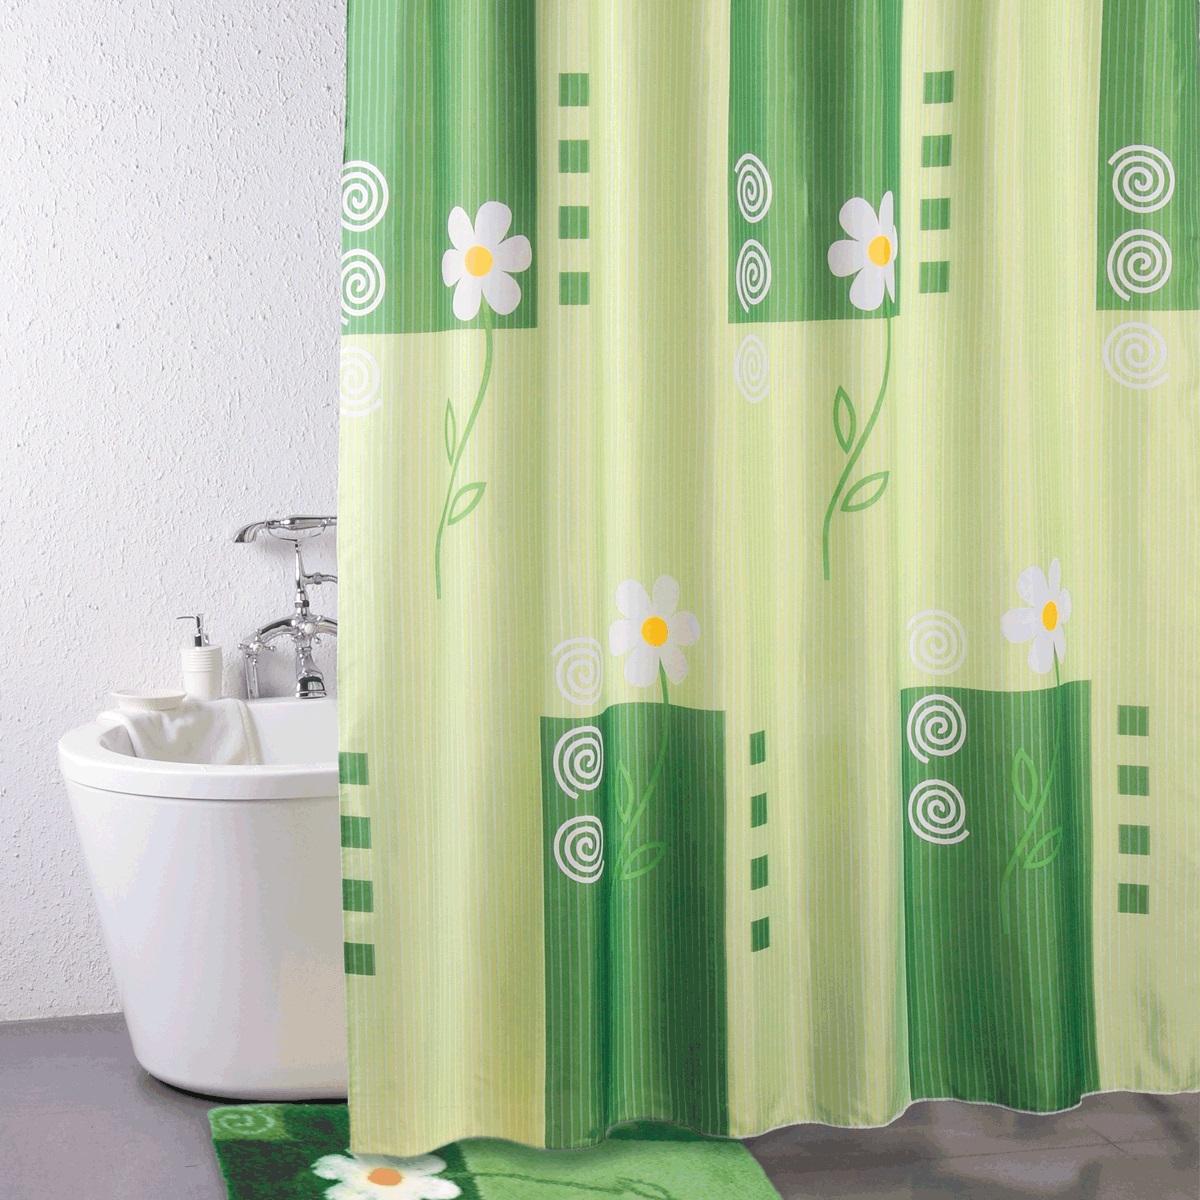 Штора для ванной Iddis Summer Day, цвет: зеленый, 180 x 200 см штора для ванной комнаты из полиэстера iddis summer stripes 290p24ri11